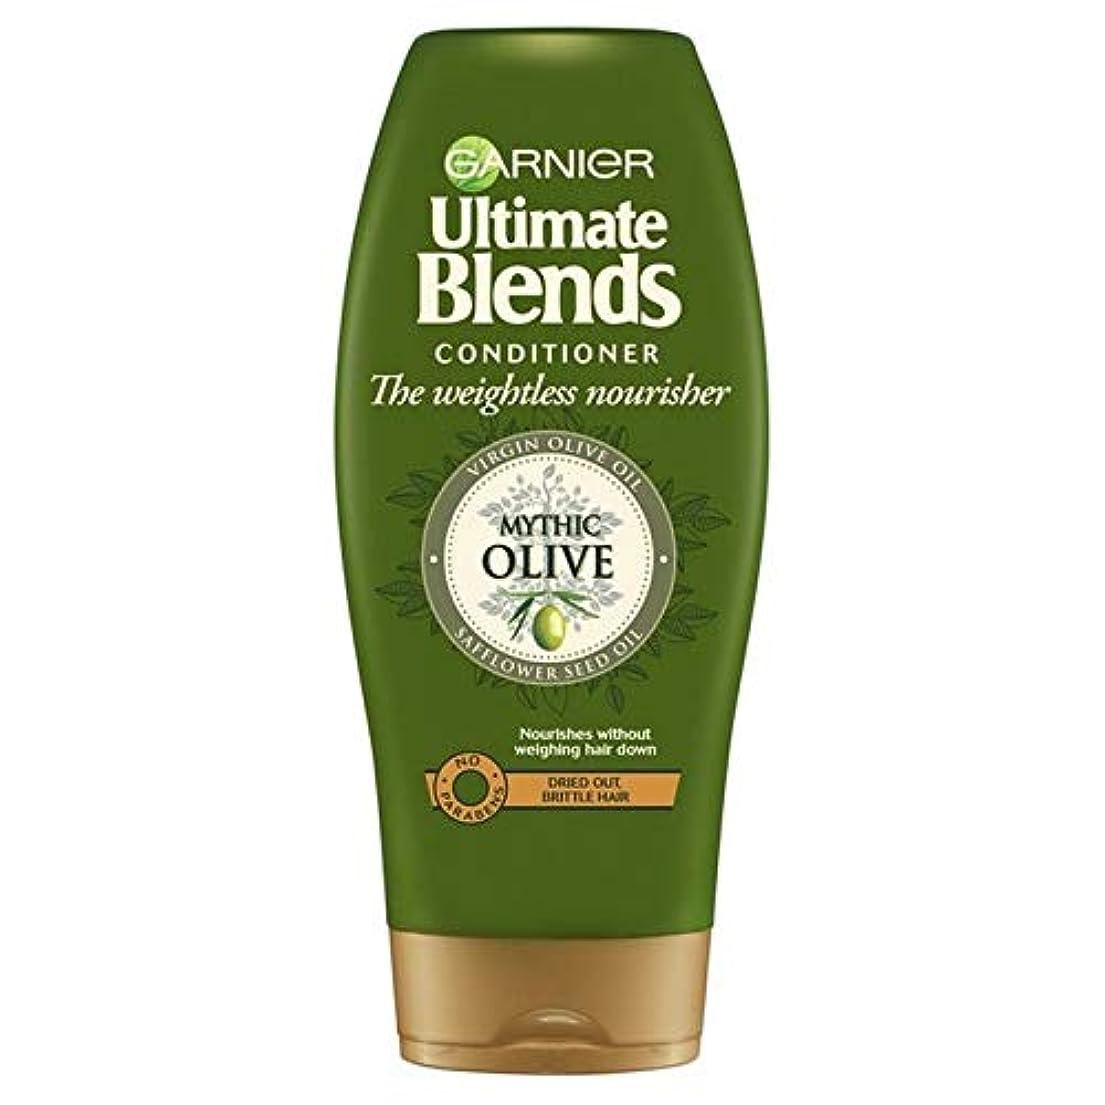 マントアライアンス本物の[Garnier ] ガルニエ究極のオリーブオイルドライヘアコンディショナー360ミリリットルをブレンド - Garnier Ultimate Blends Olive Oil Dry Hair Conditioner...